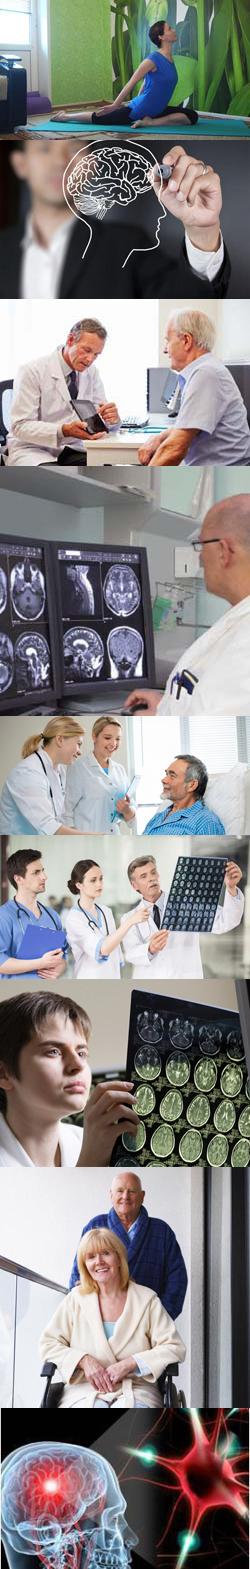 инфекционные осложнения при рассеянном склерозе